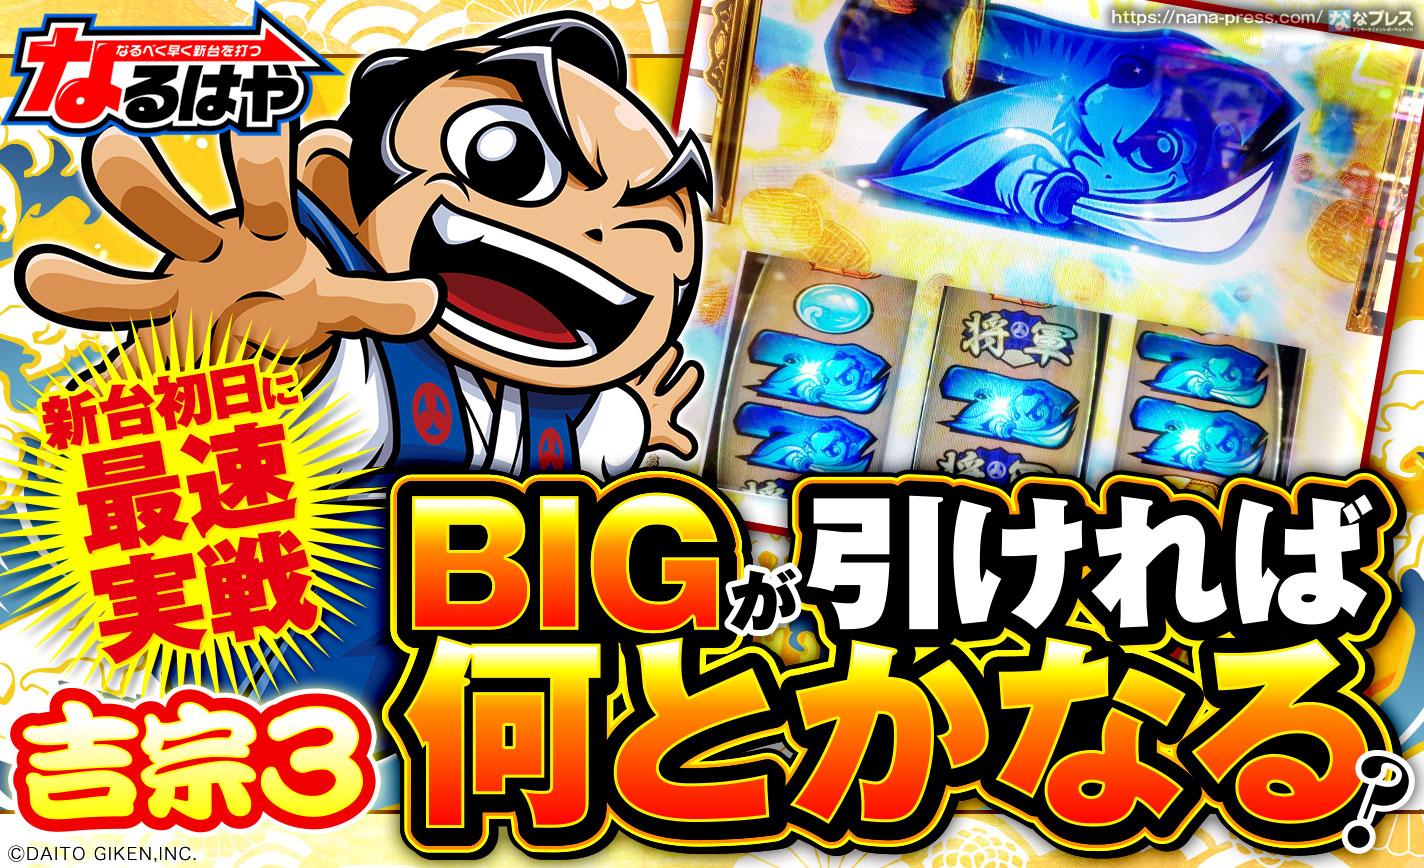 【吉宗3】新装初日に最速実戦!低設定で初当たりが重くてもBIGさえ引ければ何とかなる? eyecatch-image